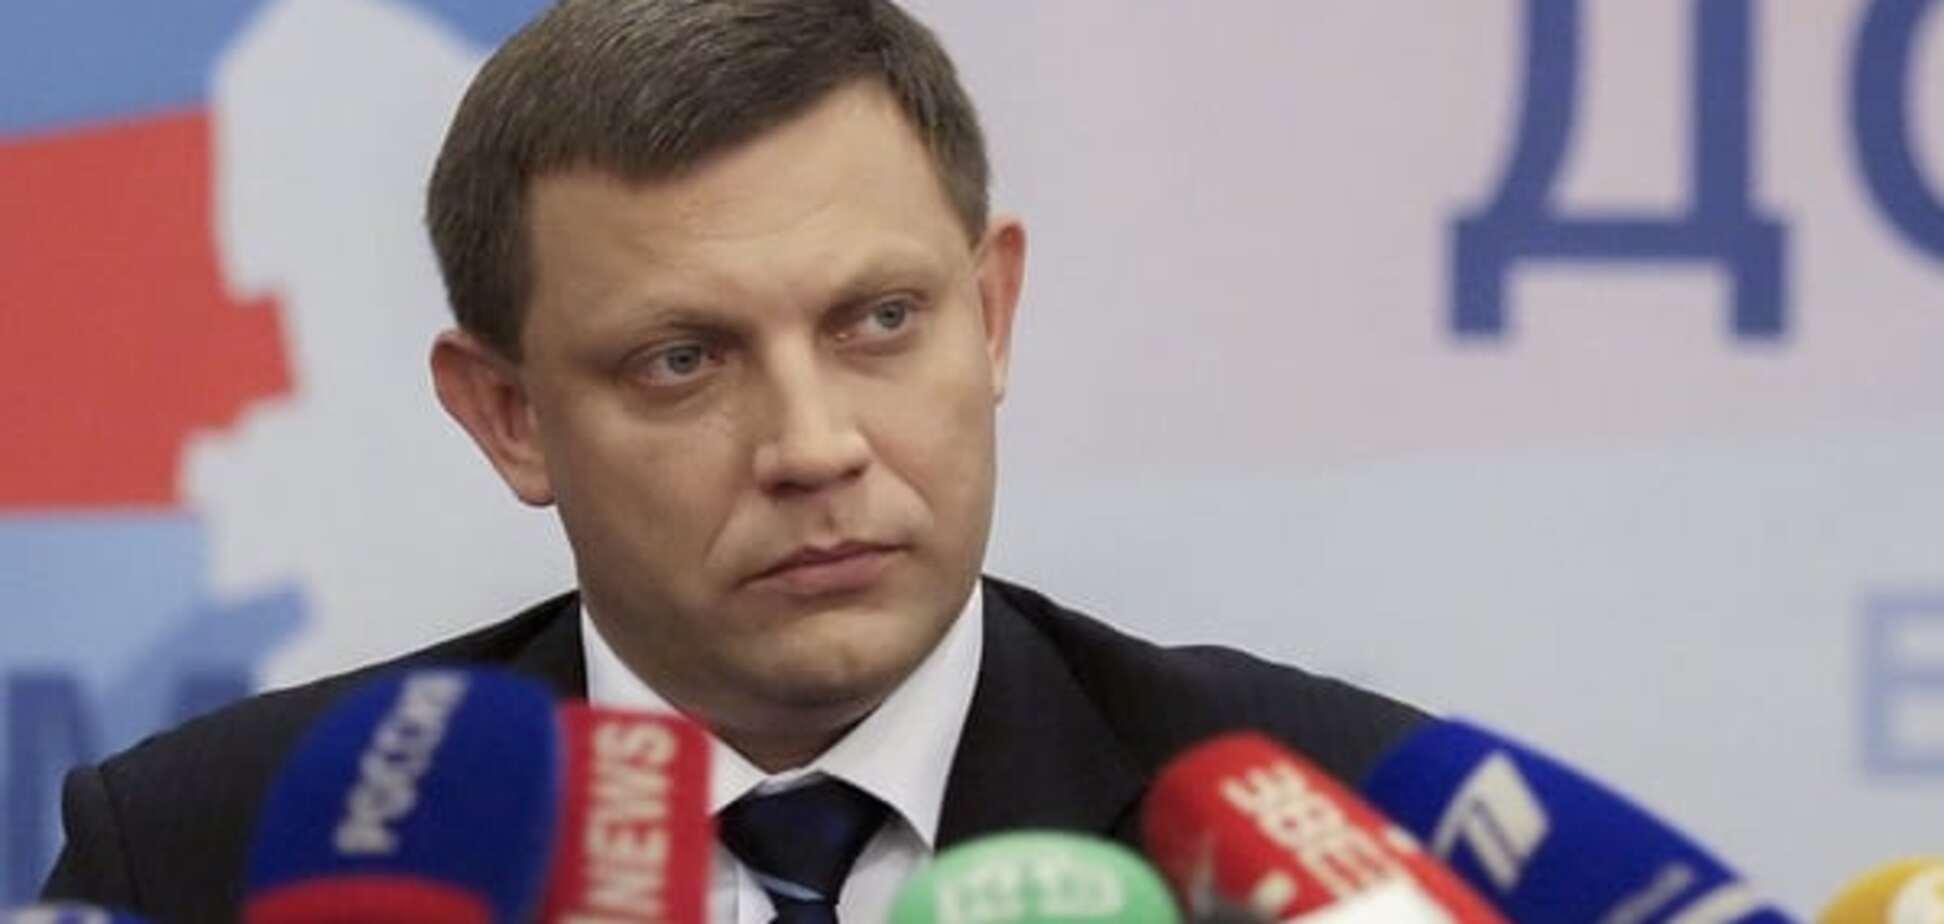 Захарченко пригрозил переселенцам: расстреливать не будем, но искупать вину заставим